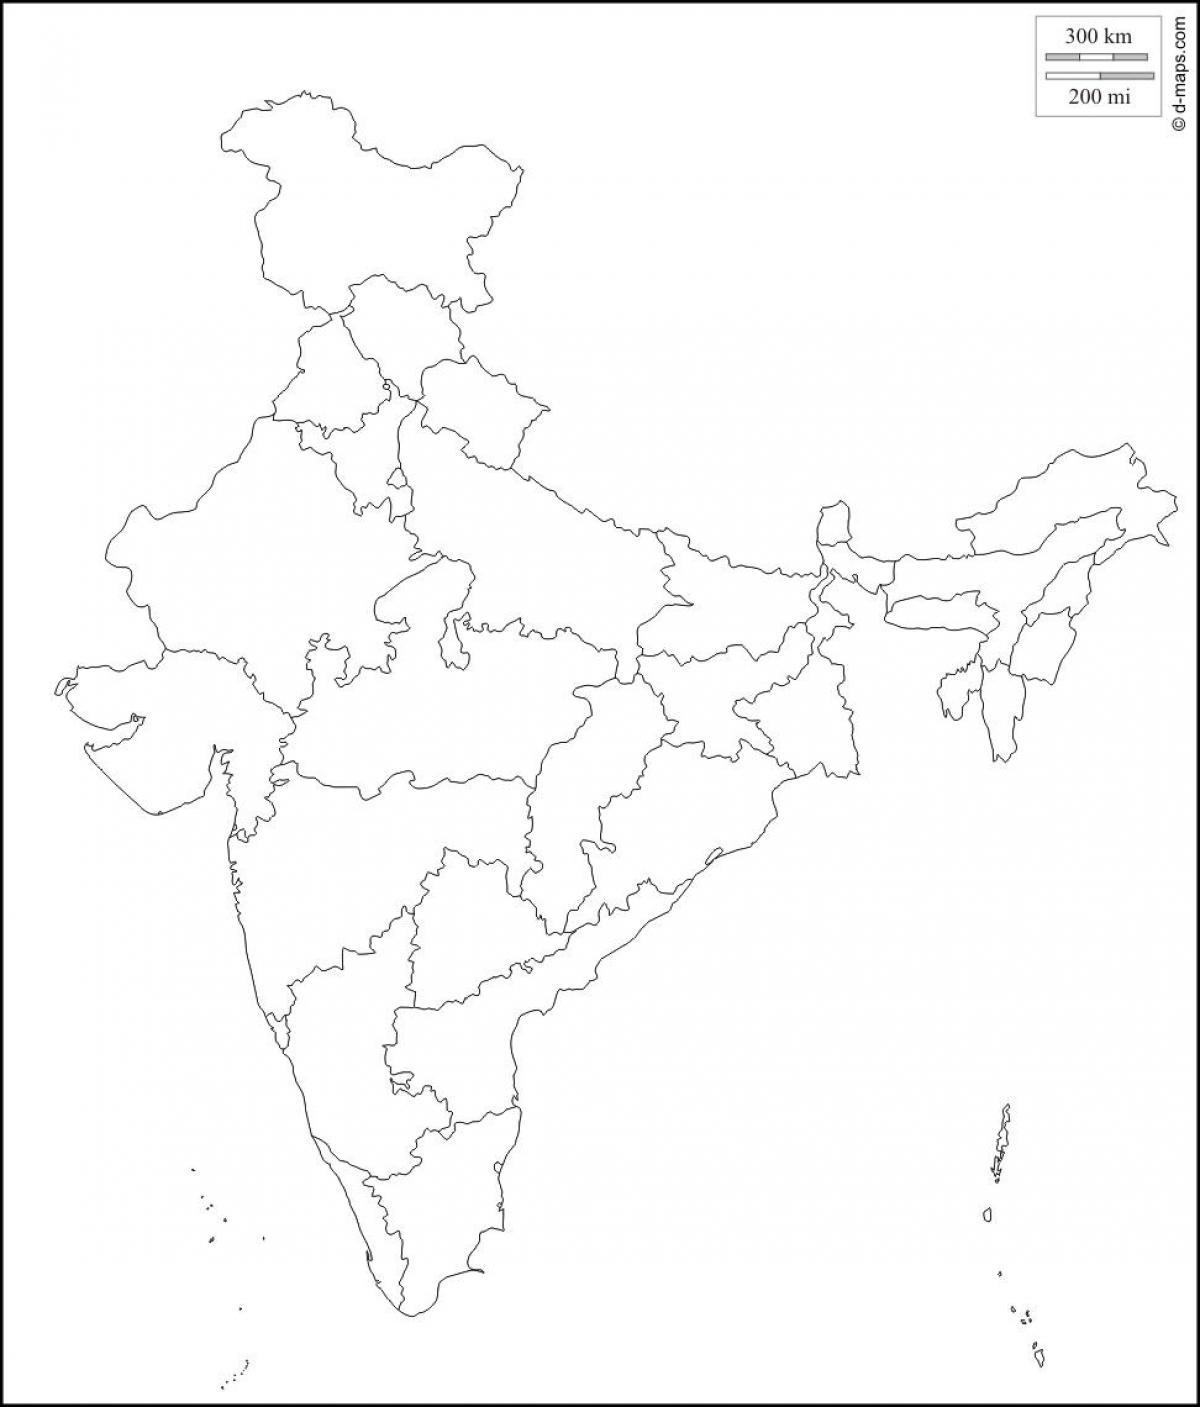 Carte Vierge De Linde Carte De Linde Vide Asie Du Sud